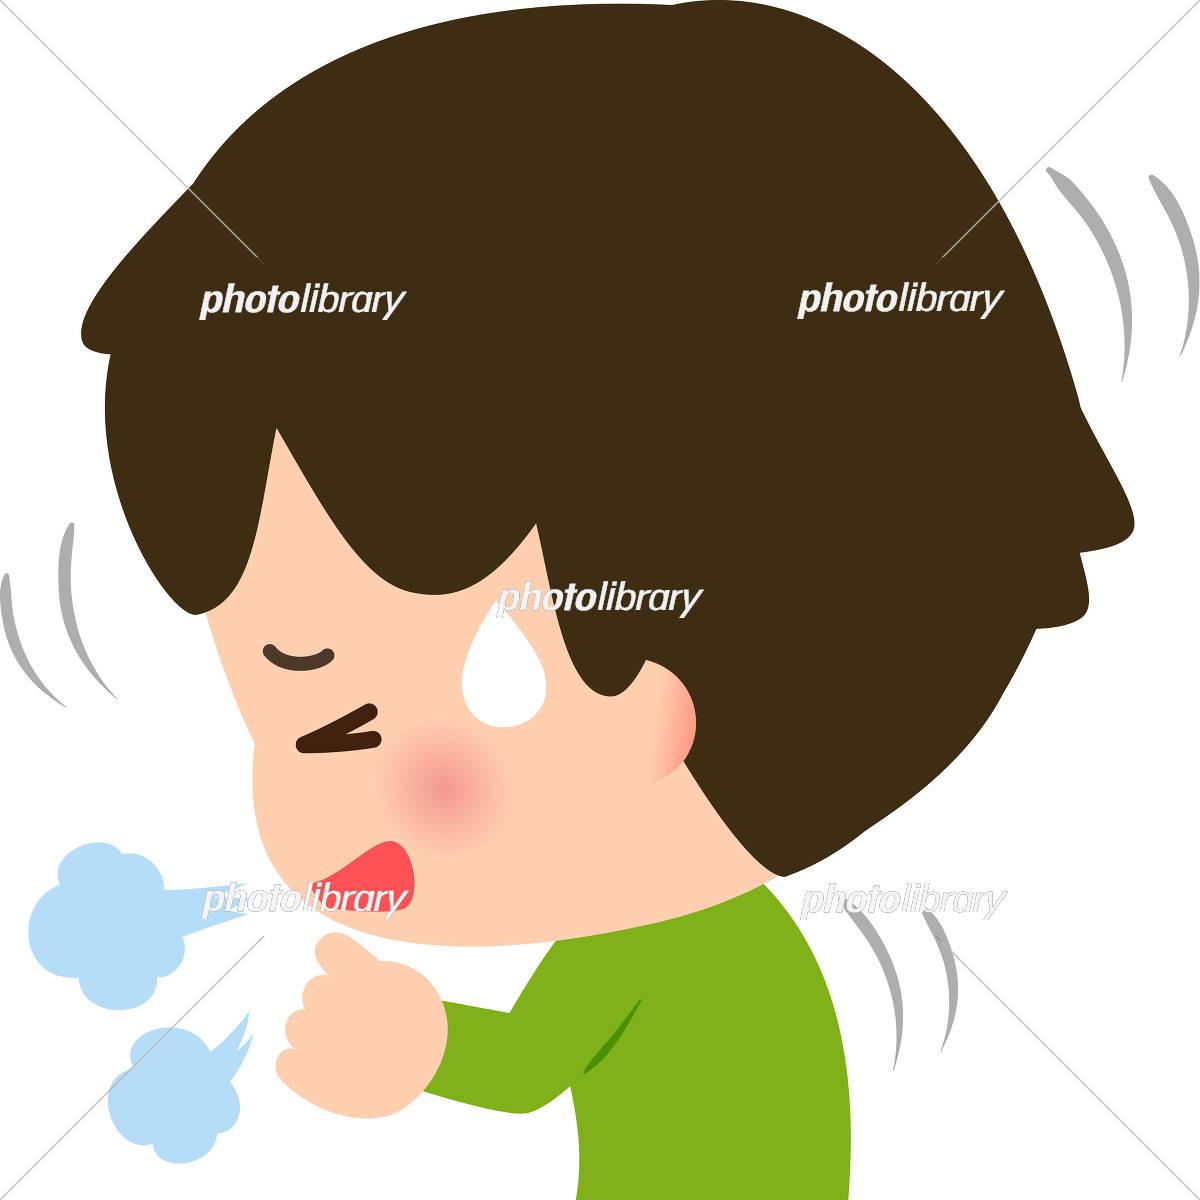 咳き込む男の子 イラスト素材 5363449 フォトライブラリー